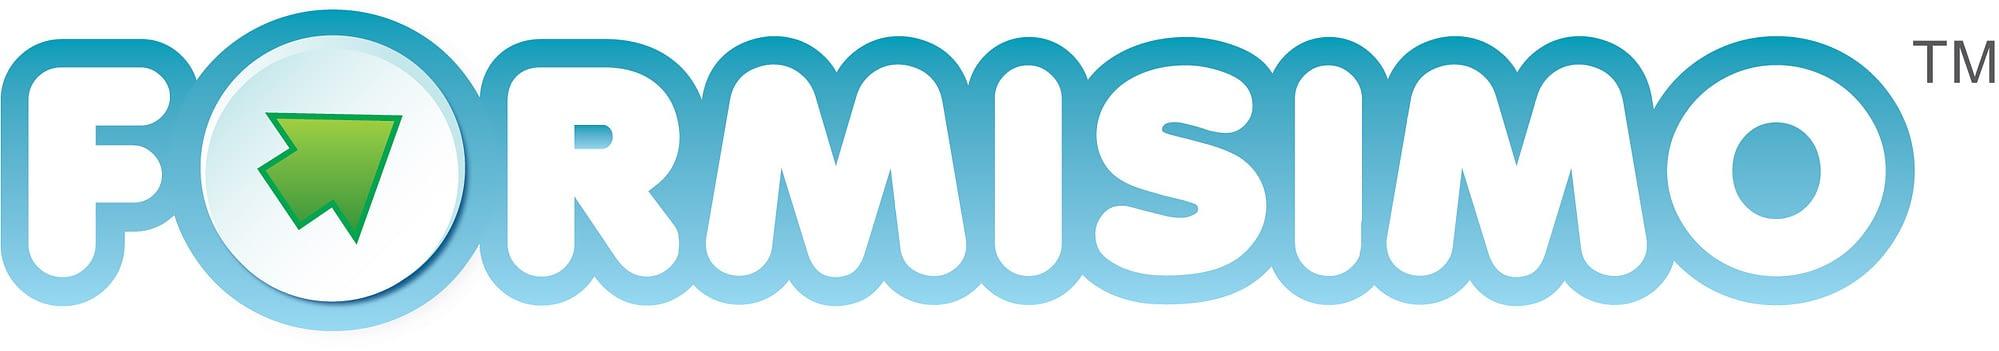 formisimo-logo-high-res